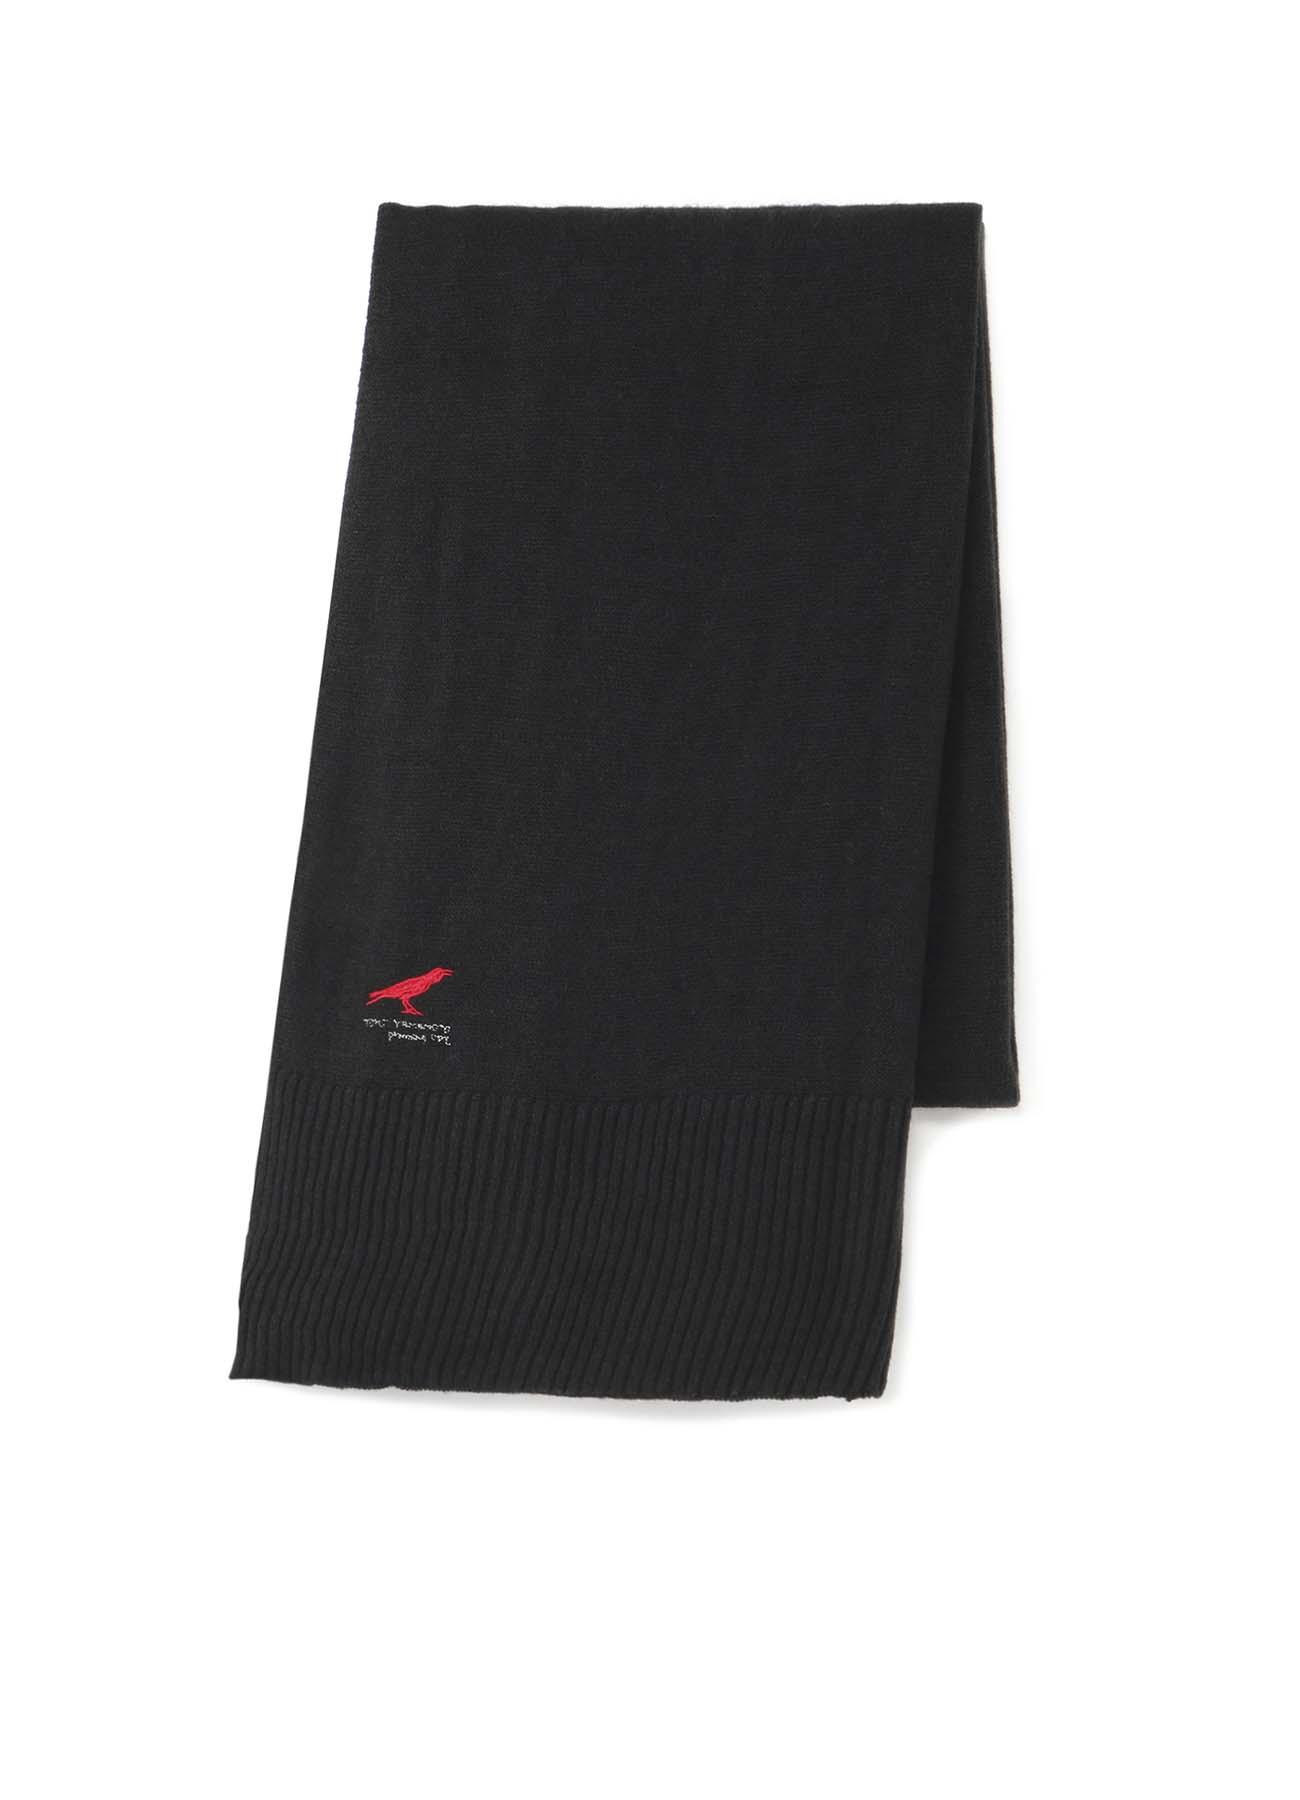 乌鸦刺绣针织披肩